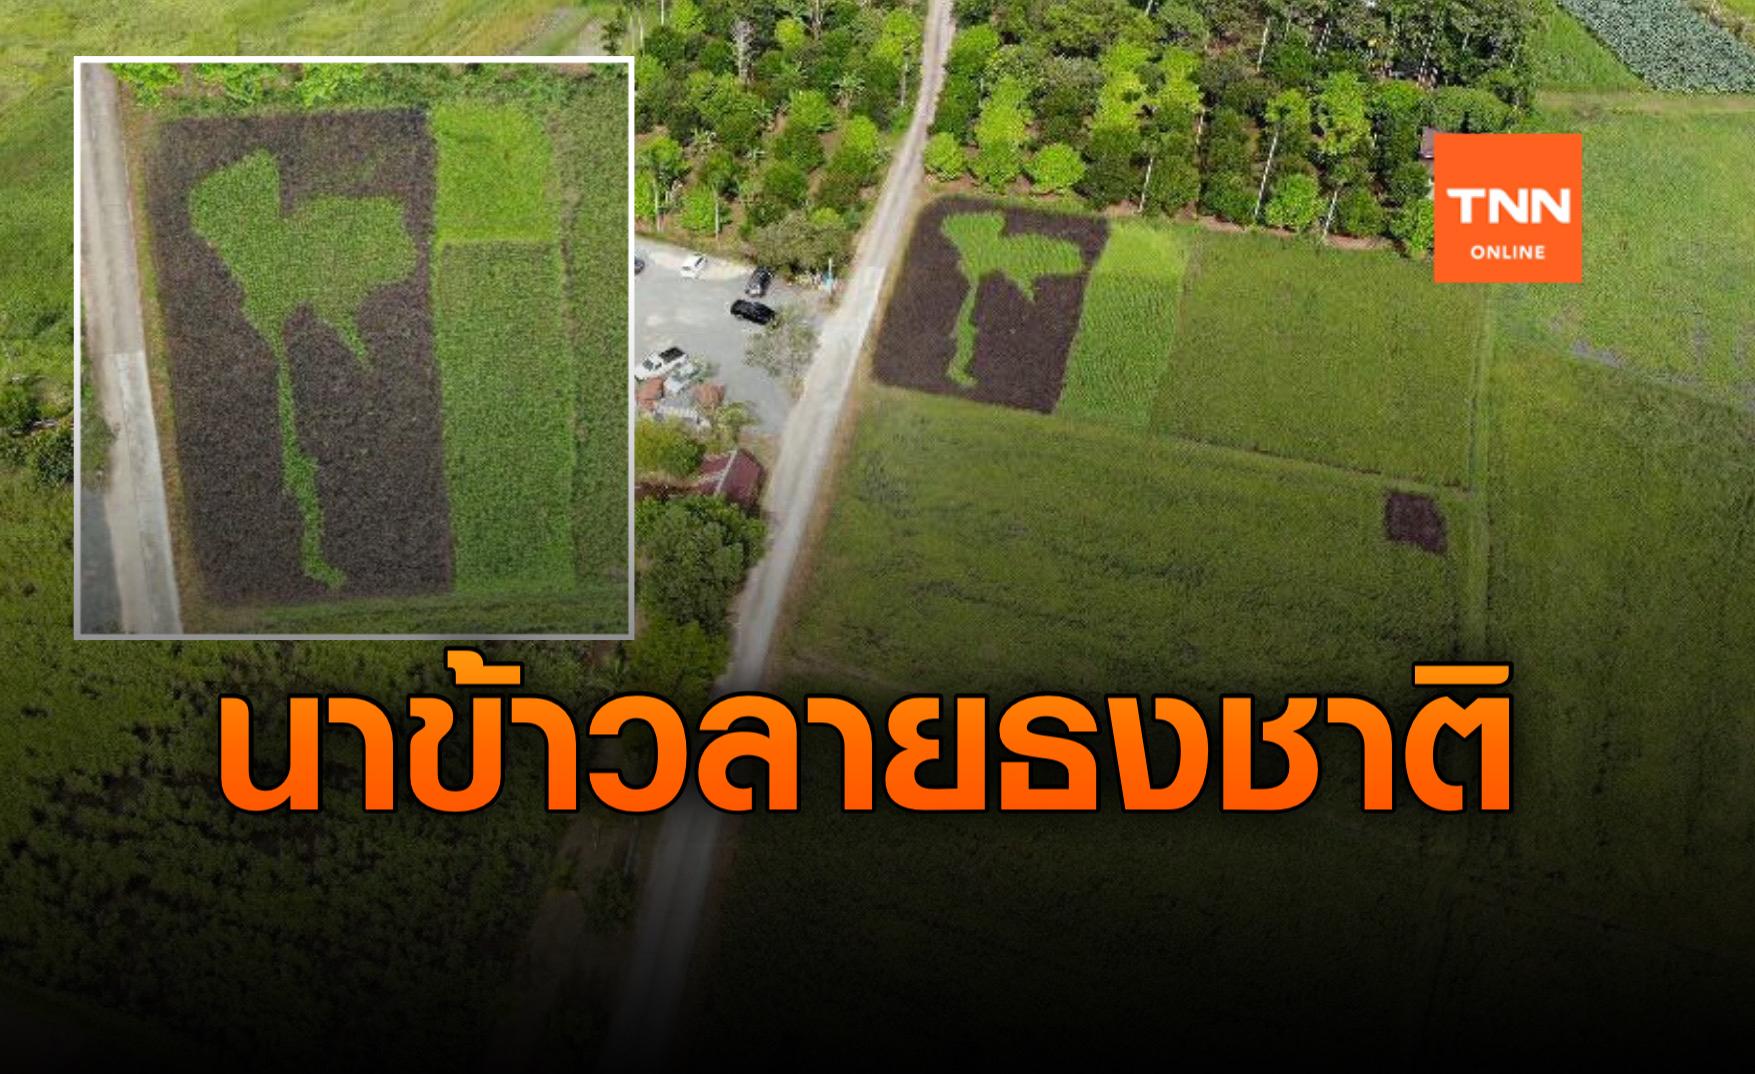 ไอเดียเจ๋ง! นาข้าวประเทศไทย สื่อความอุดมสมบูรณ์